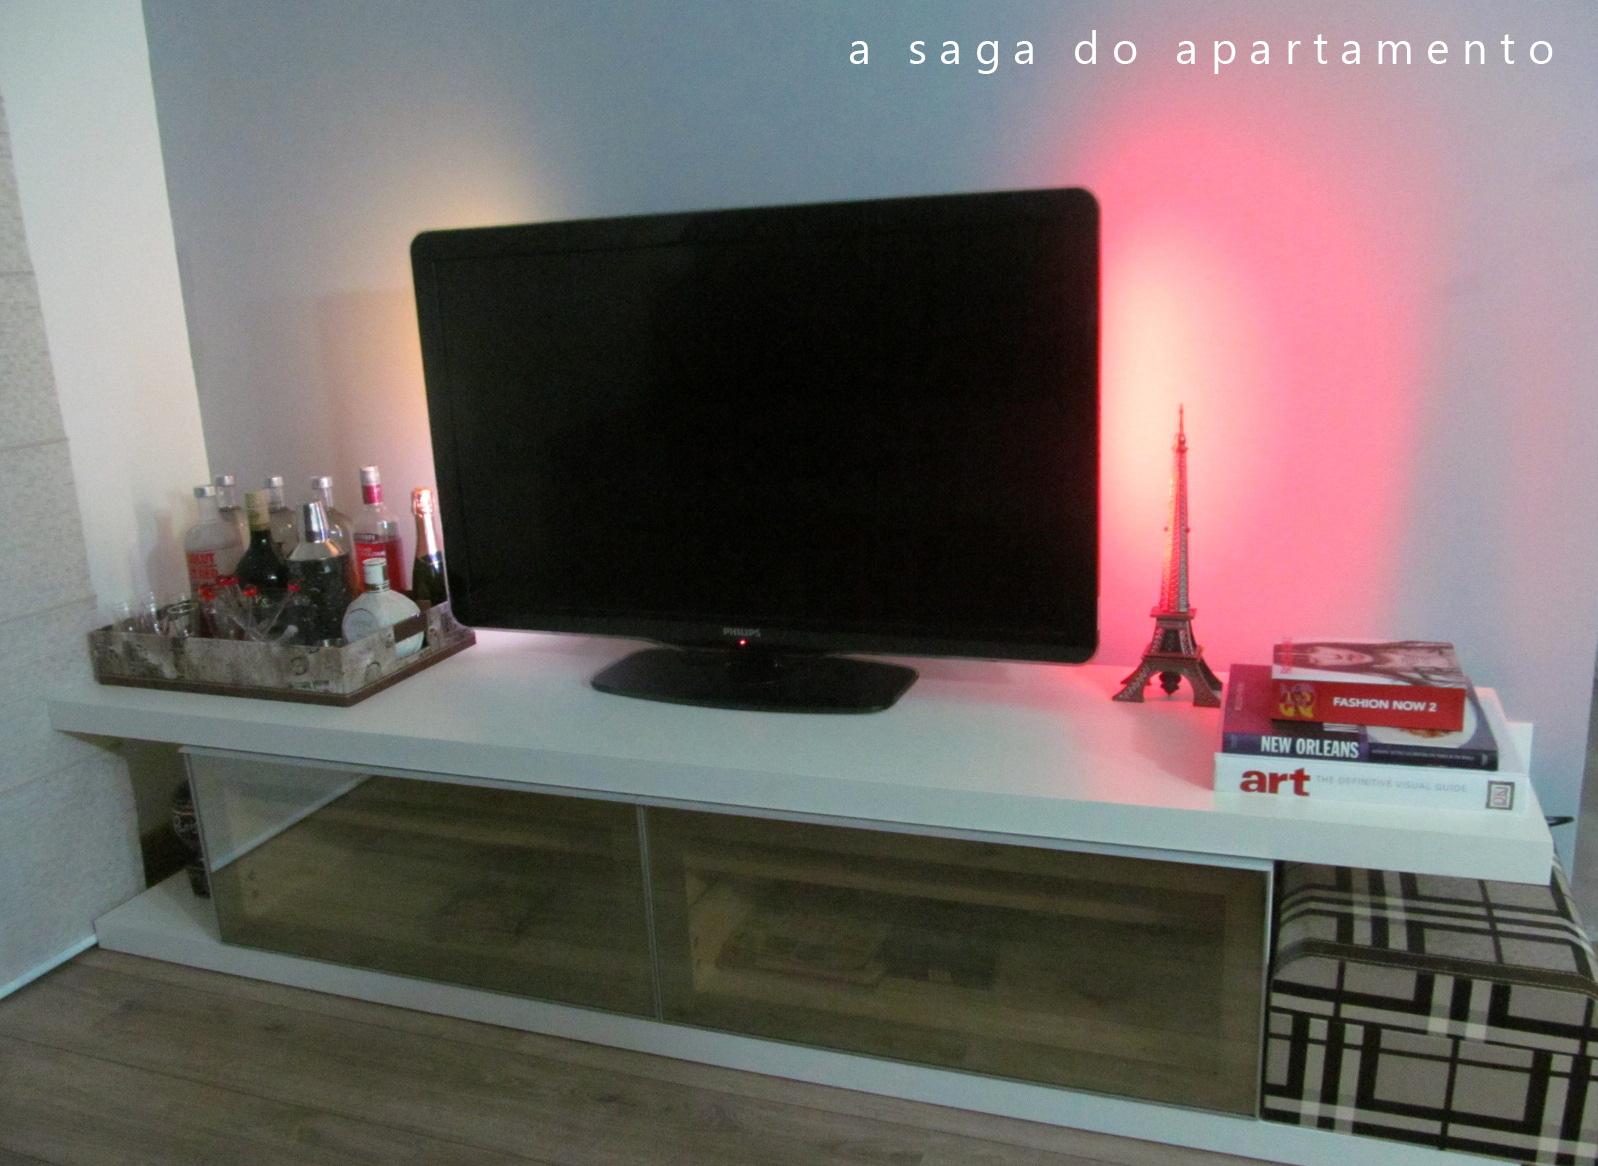 Enfeite De Rack ~ Decorando o Rack Mini Bar, TV Ambilight, Livros, Mala decorativa etc a saga do apartamento